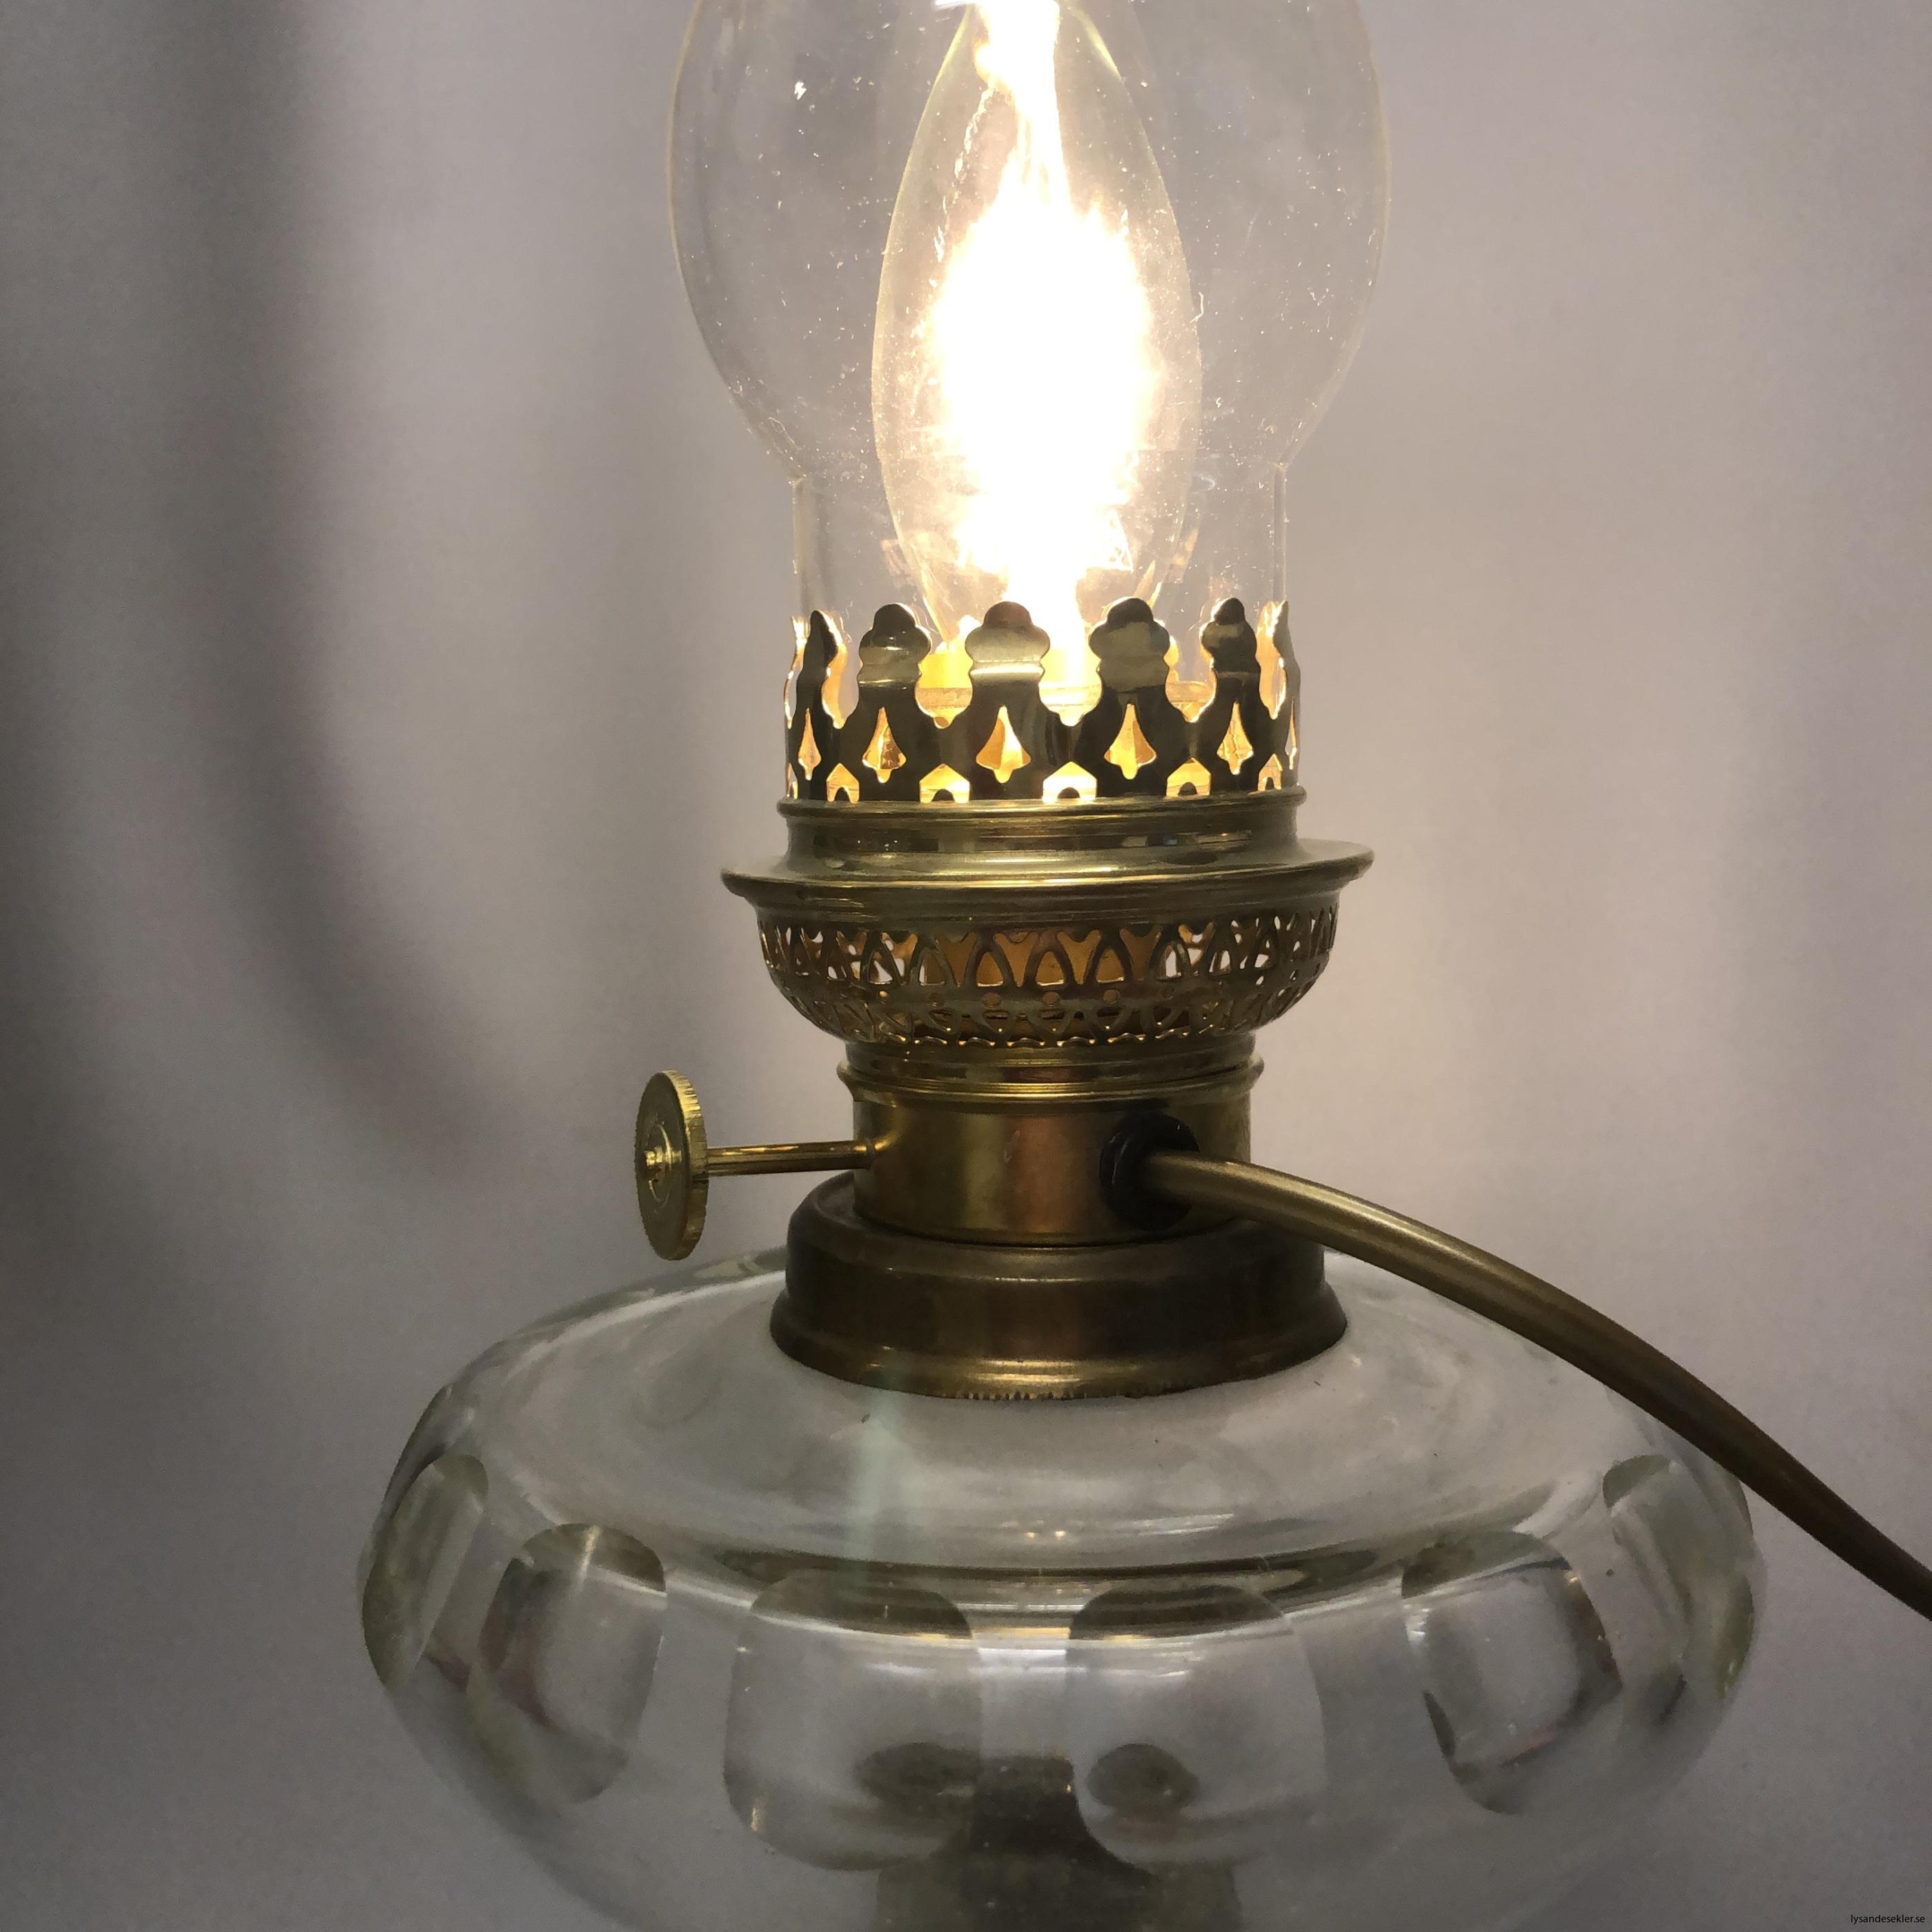 elektrisk brännare imitationsbrännare elbrännare3